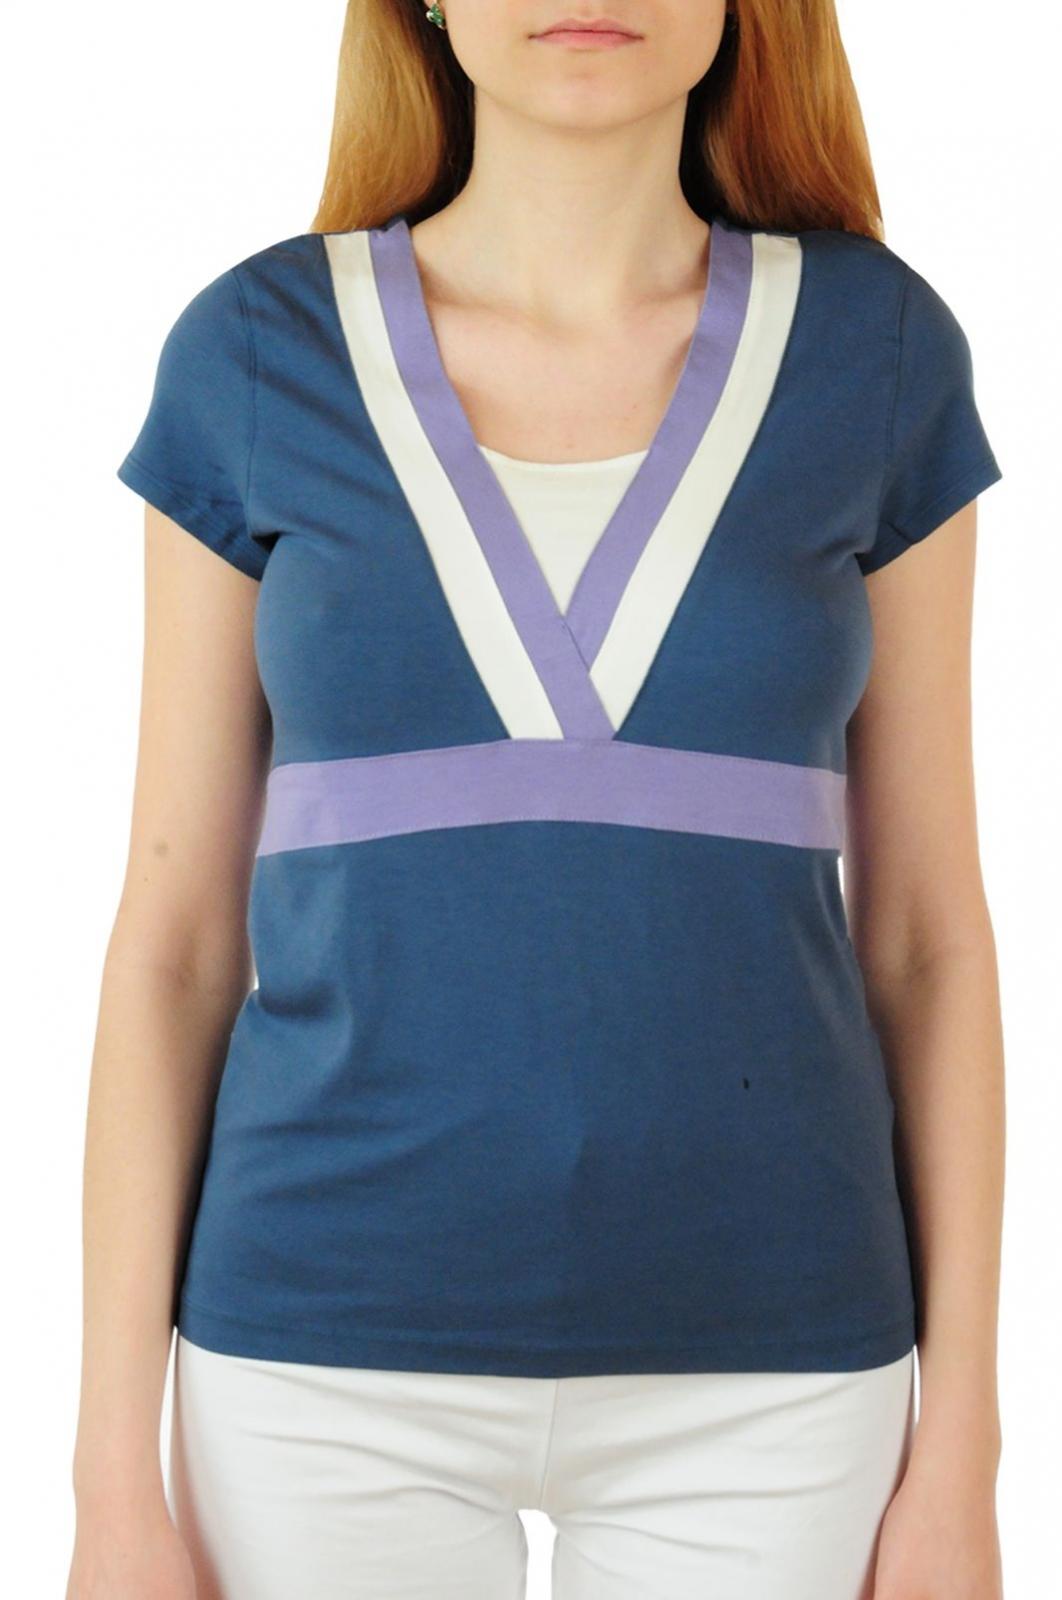 Эксклюзивная футболка Bossini® Yoga - вид спереди